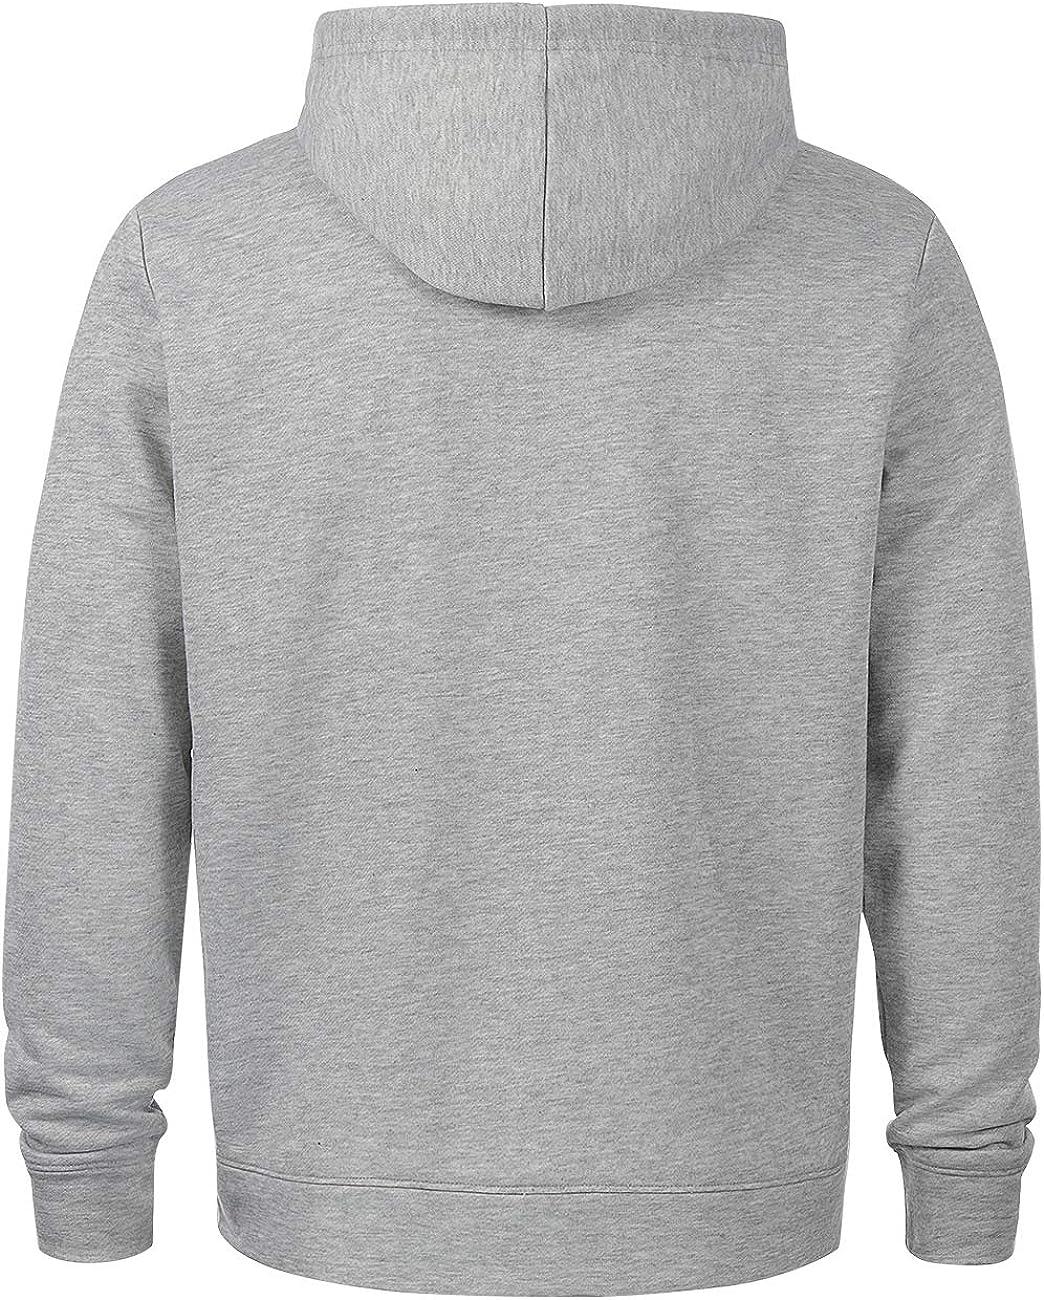 ZIOLOMA Mens Lightweight Full Zip Up Hoodie Hooded Active Sweatshirt